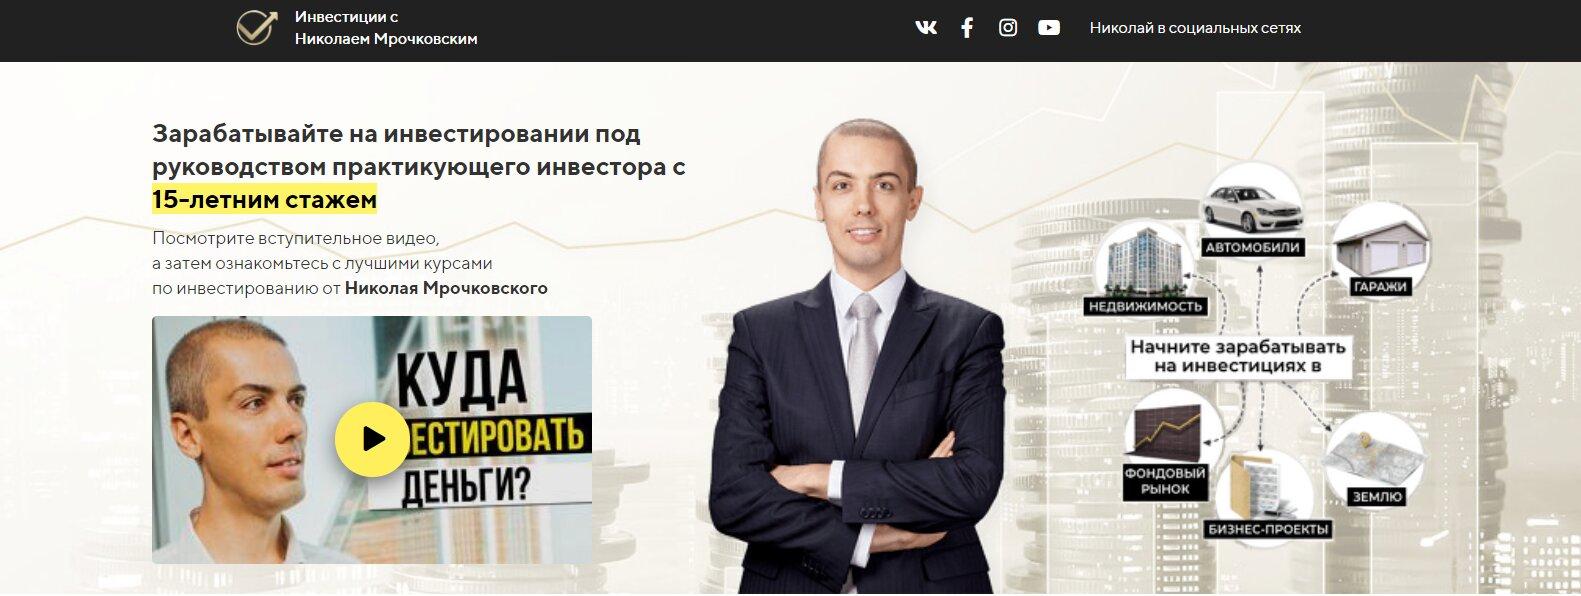 Сайт трейдера Николая Мрочковского